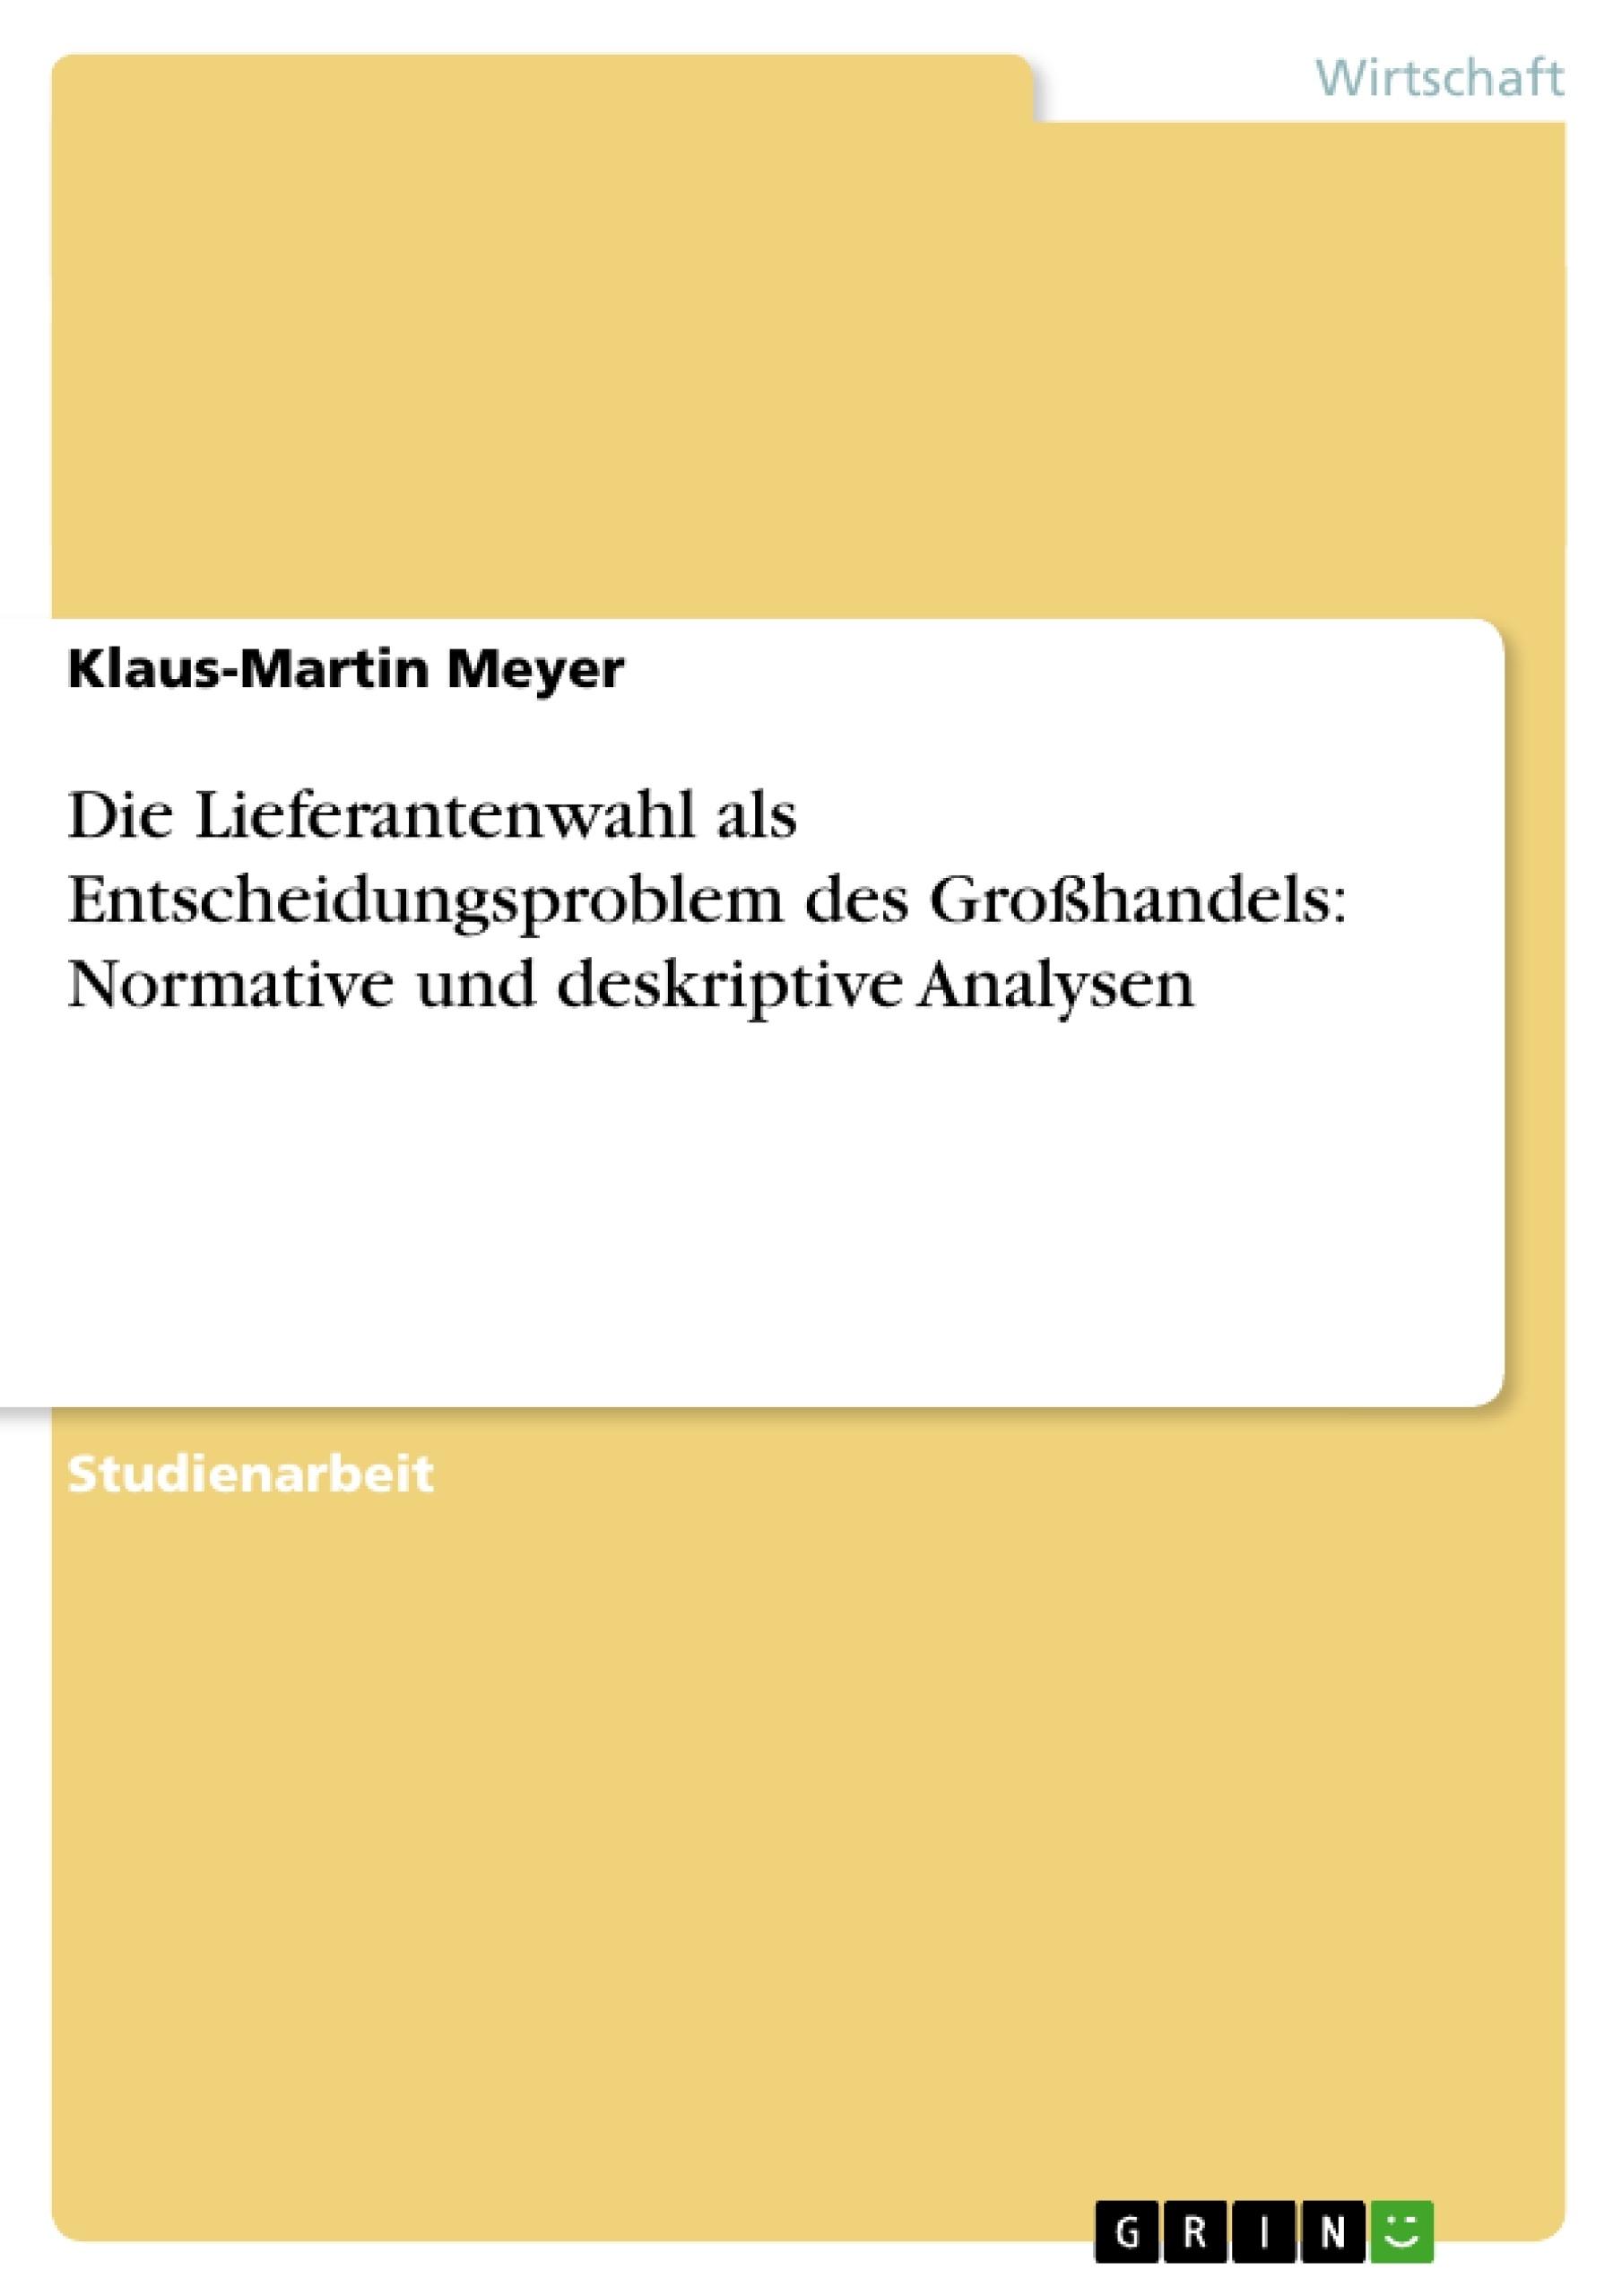 Titel: Die Lieferantenwahl als Entscheidungsproblem des Großhandels: Normative und deskriptive Analysen